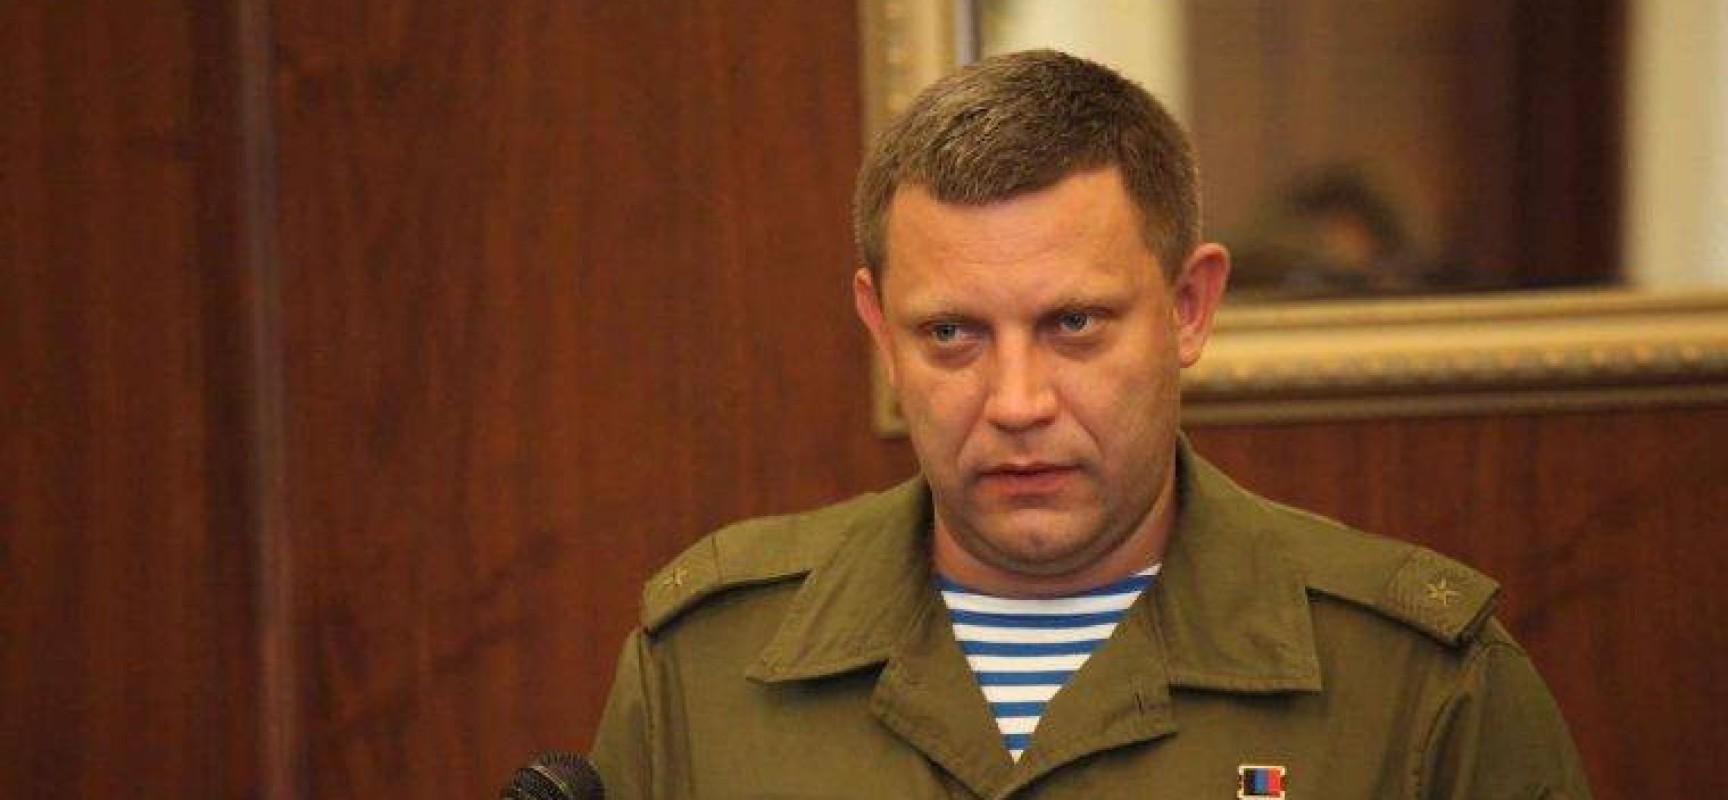 Alexandre Zakhartchenko annonce la création d'un nouvel état – la Malorussie – pour remplacer l'Ukraine